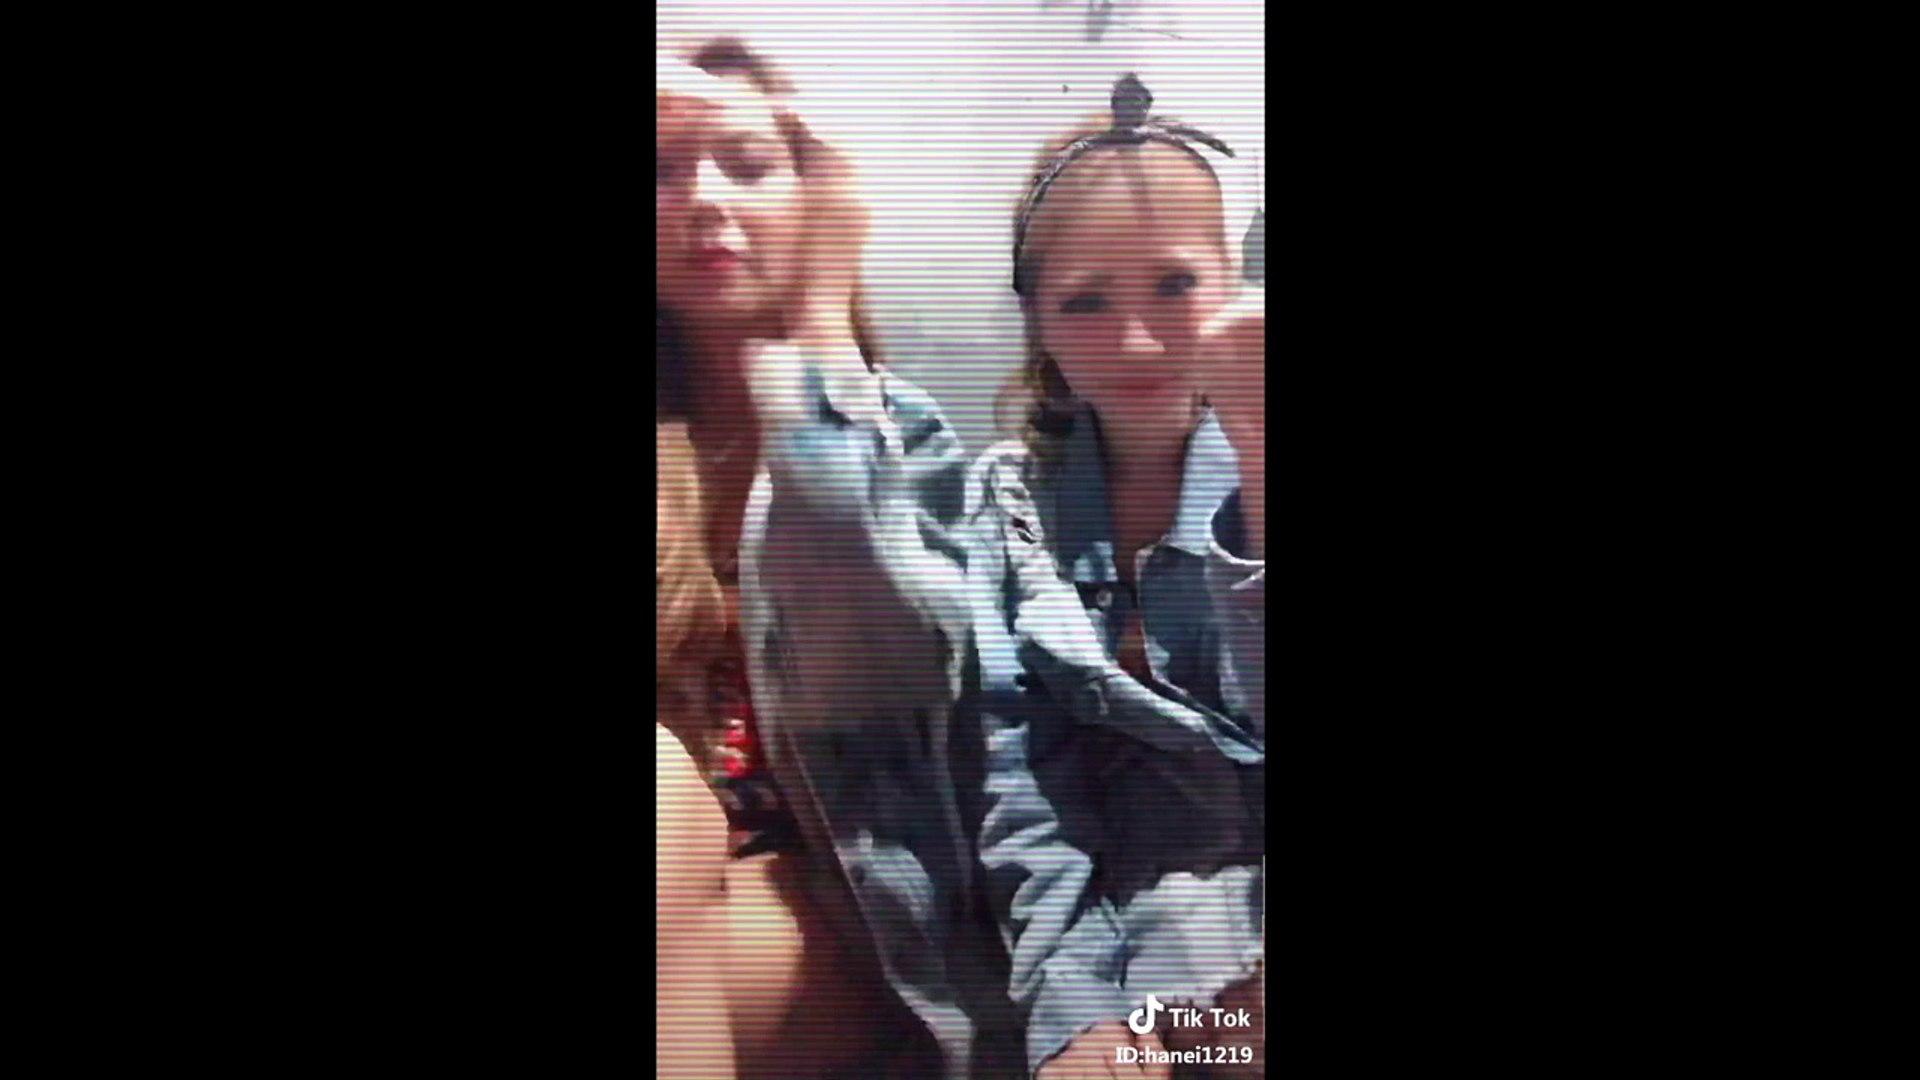 TikTok】 #毎日ホットビデオ可愛い過ぎる美人のを見るなよ!【まとめ】 !! - video dailymotion